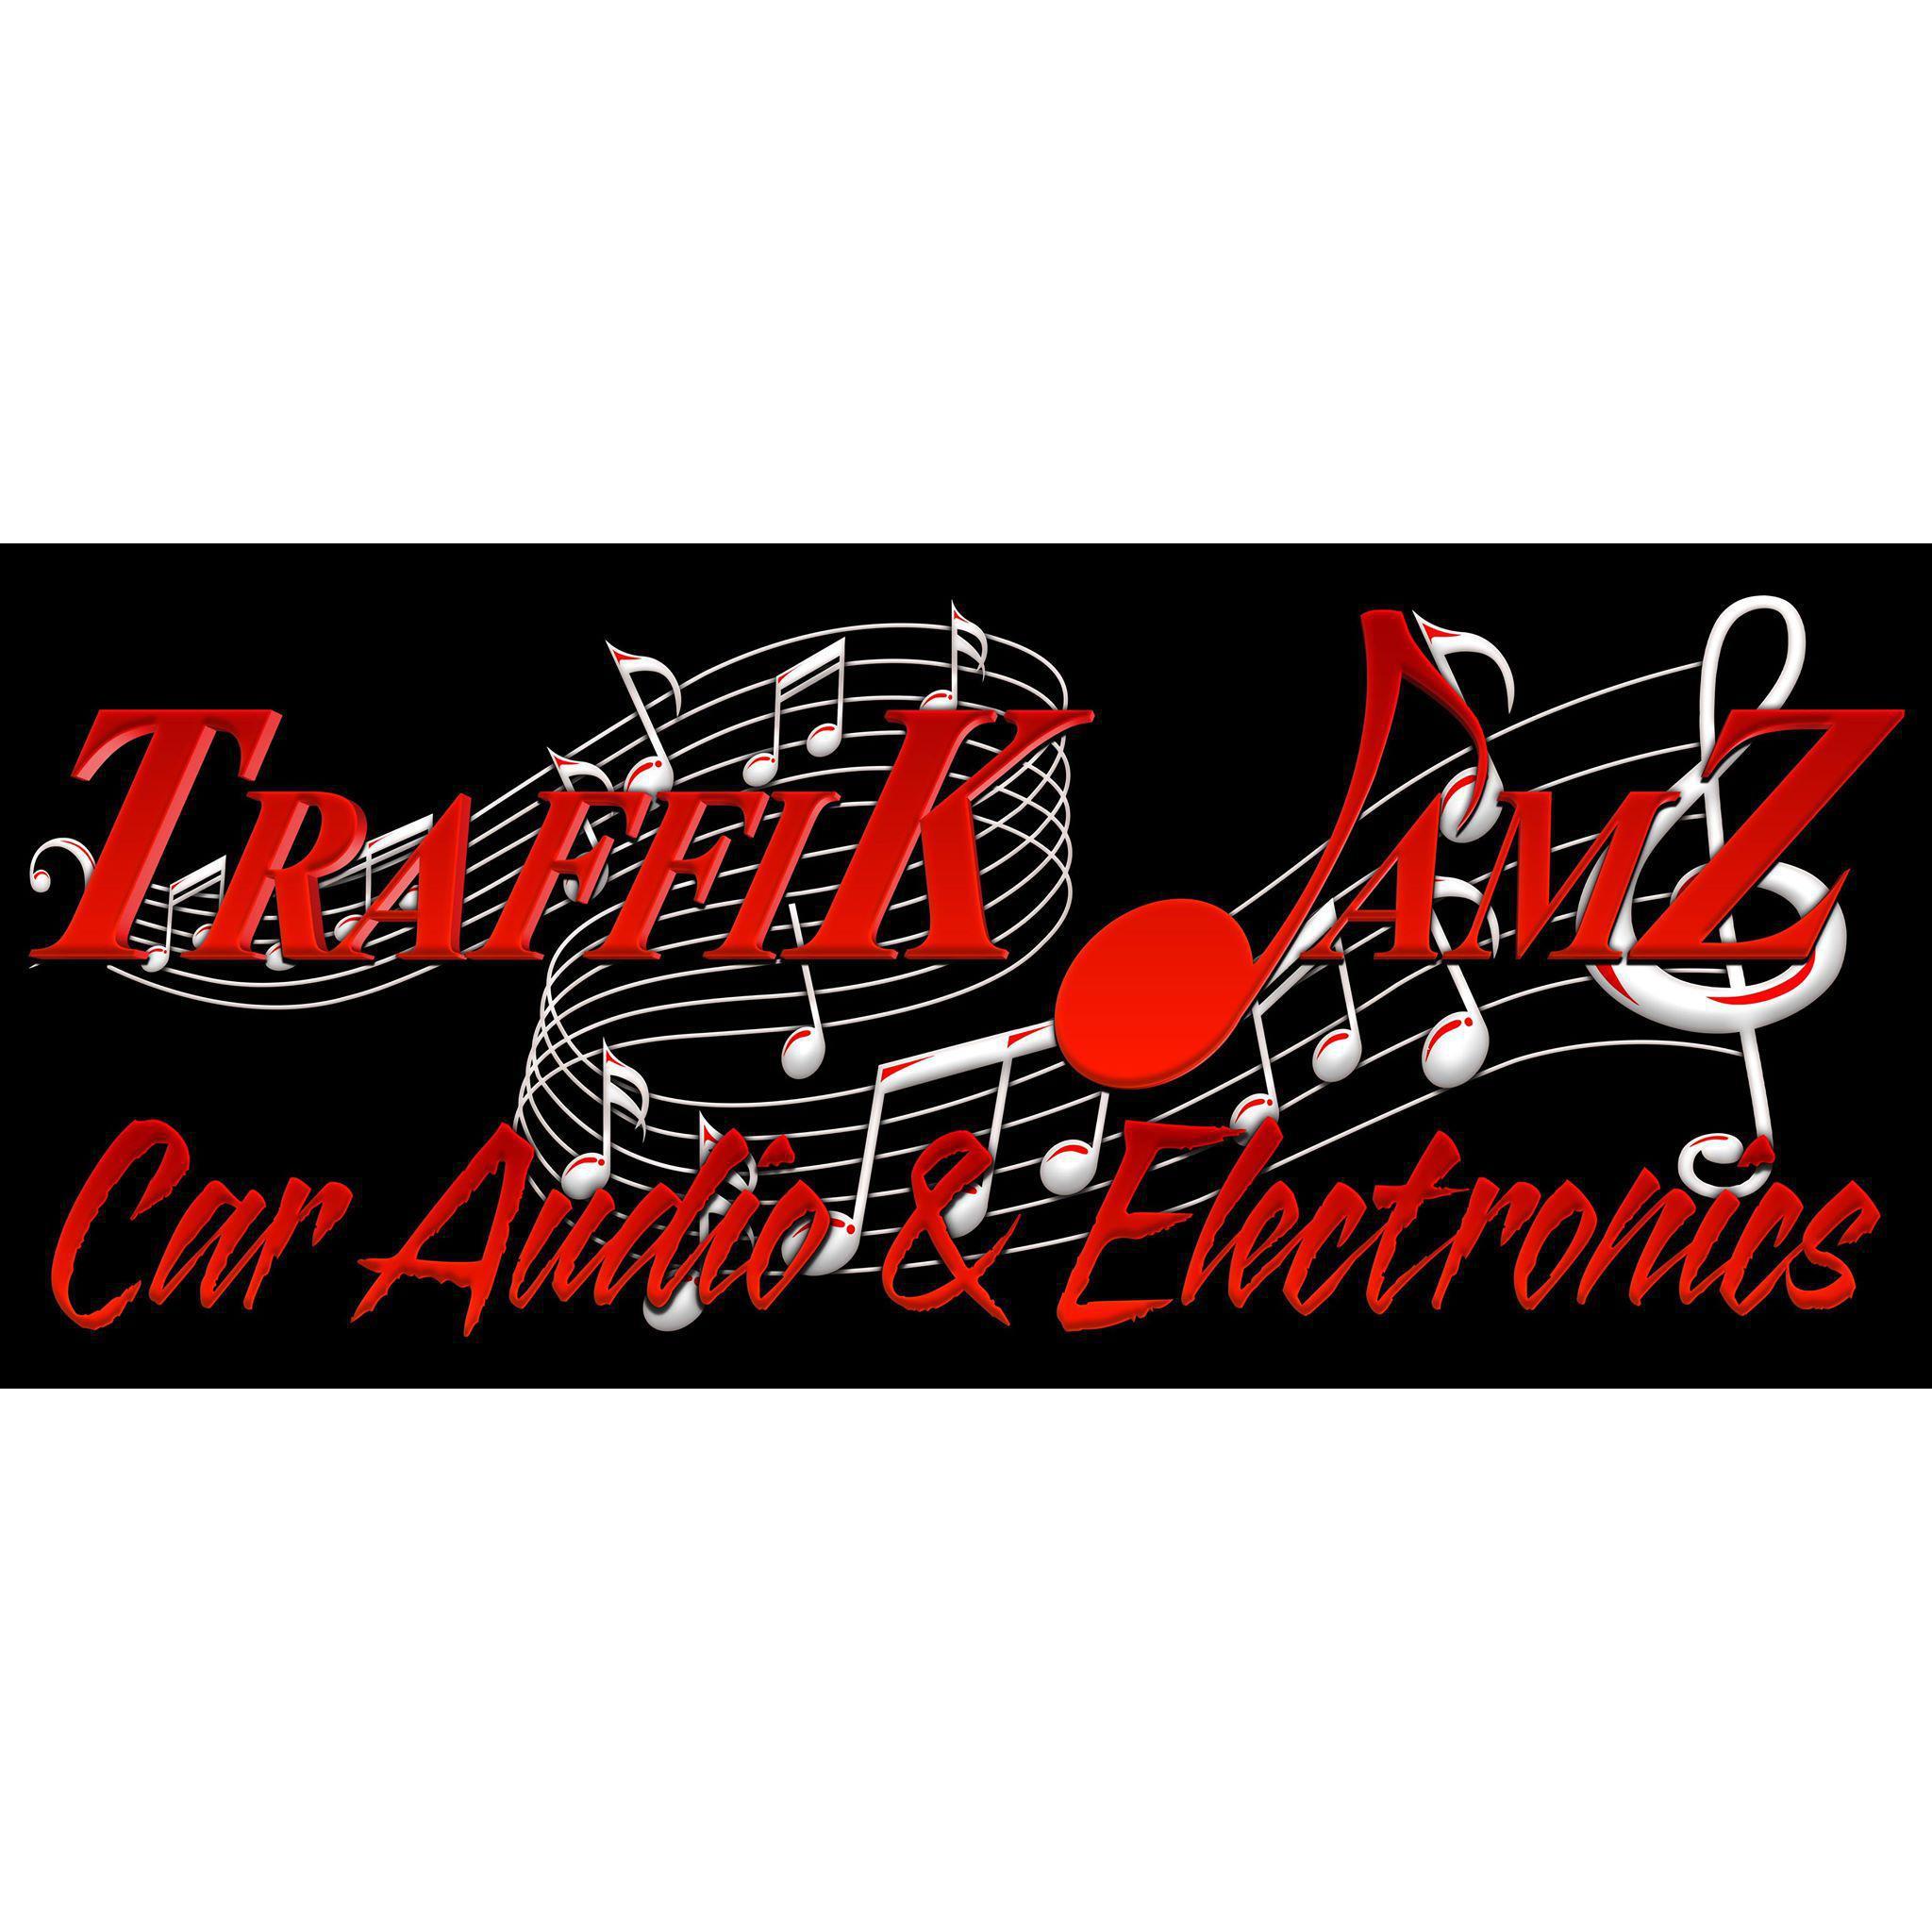 Traffik Jamz Car Audio